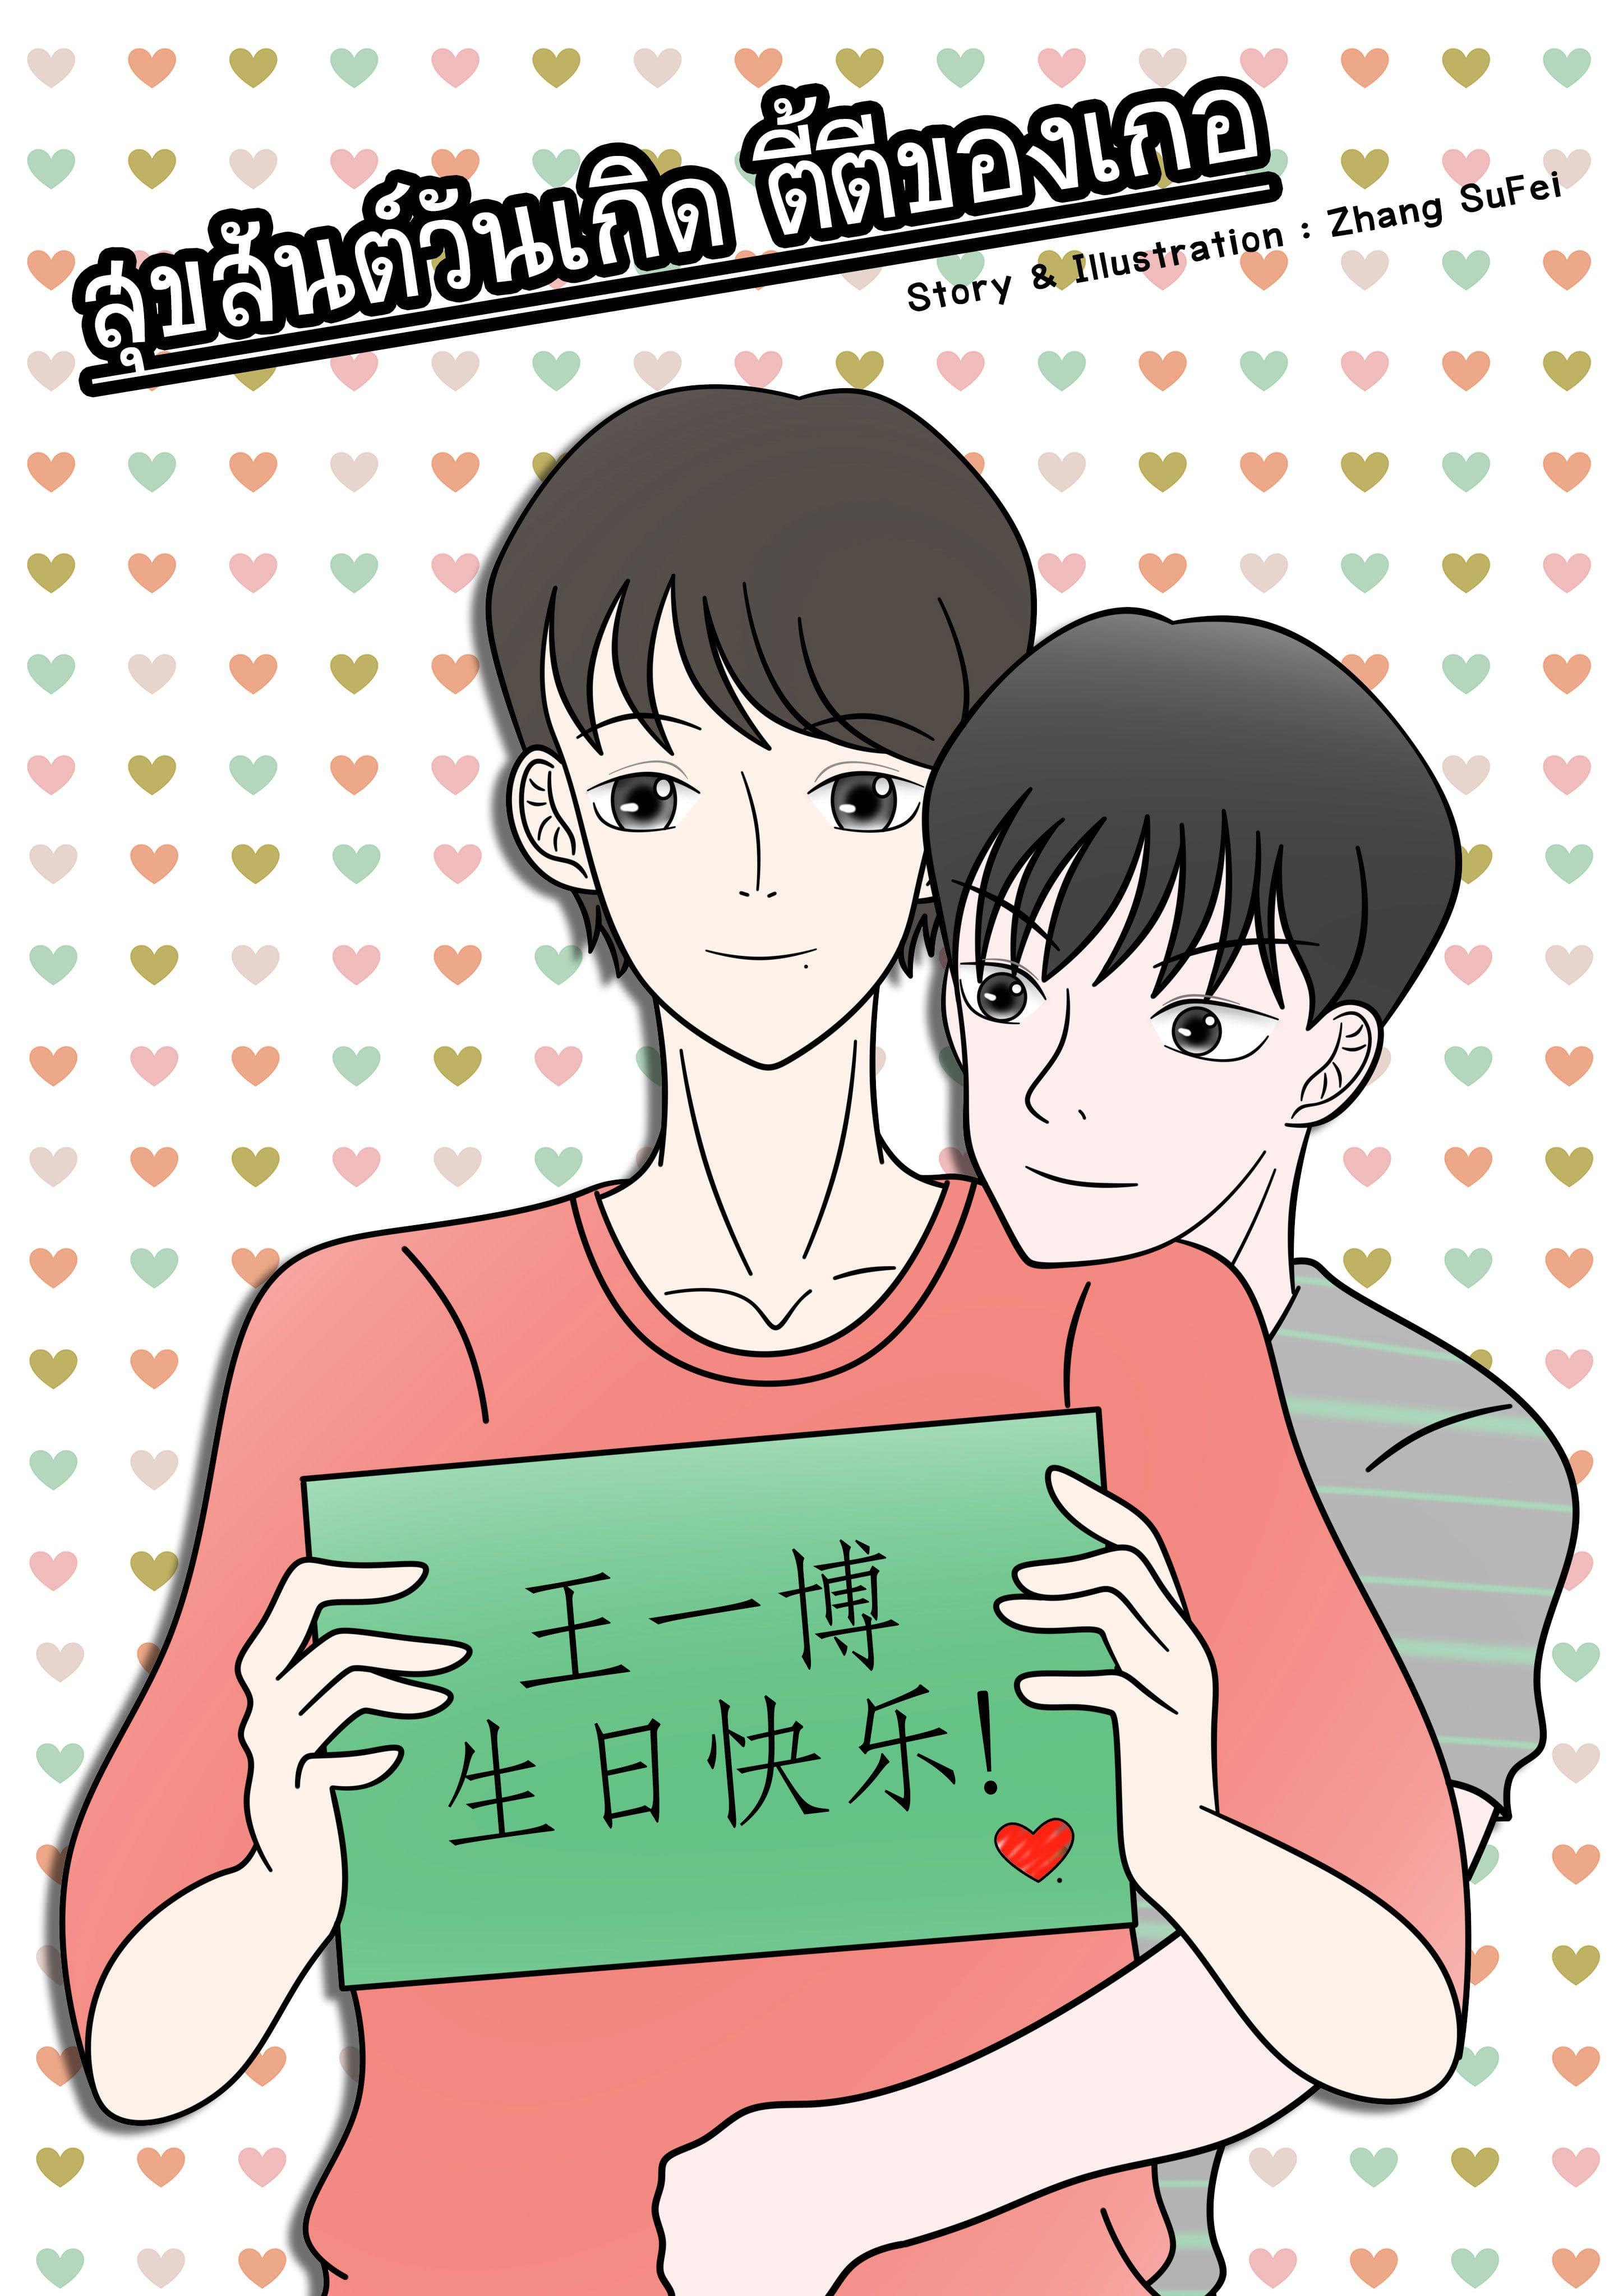 สุขสันต์วันเกิด ตี้ตีของเกอ (โดจิน #ป๋อจ้าน)